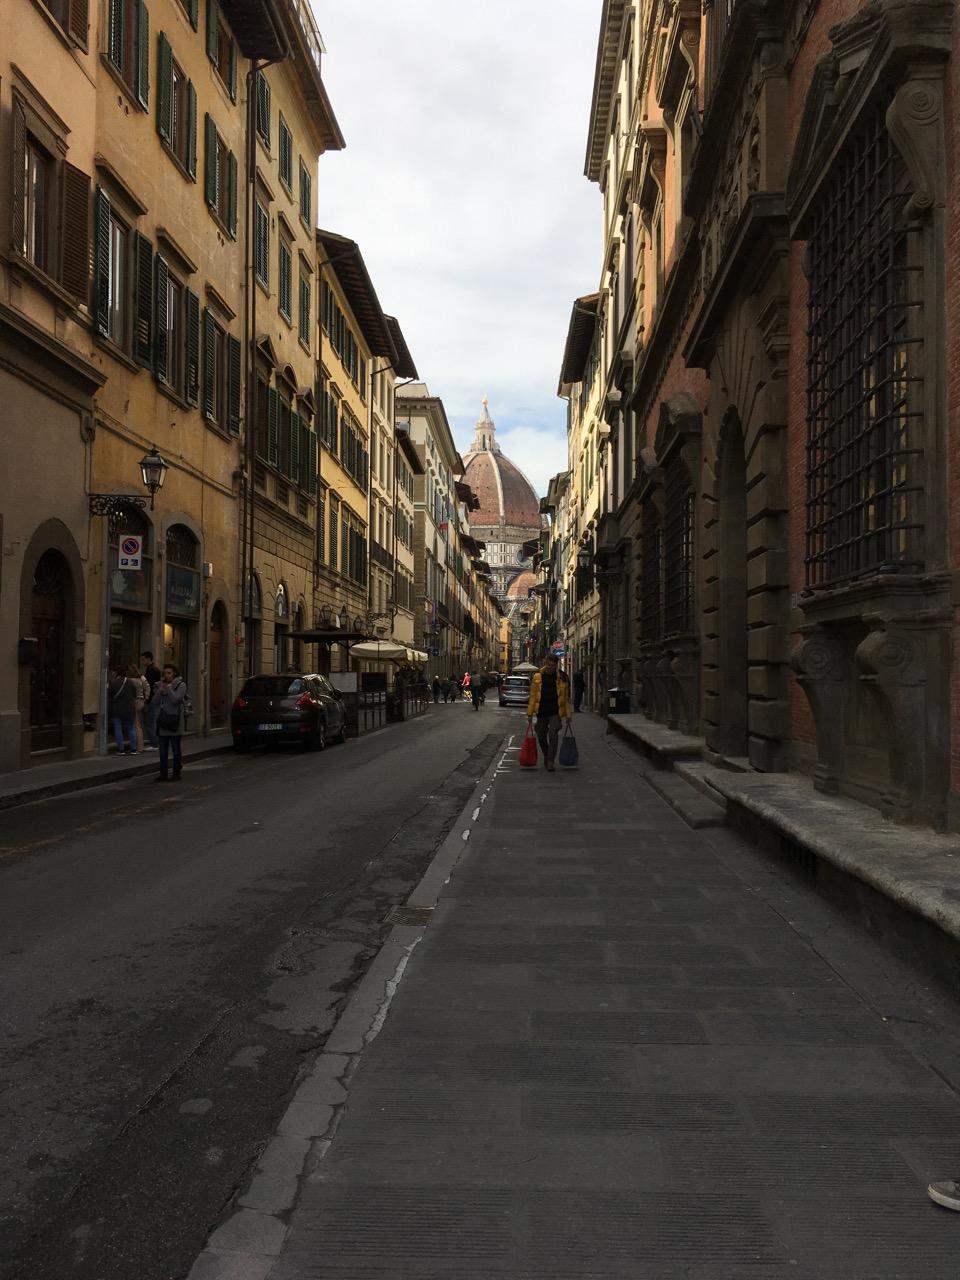 从巷子里看大教堂的穹顶